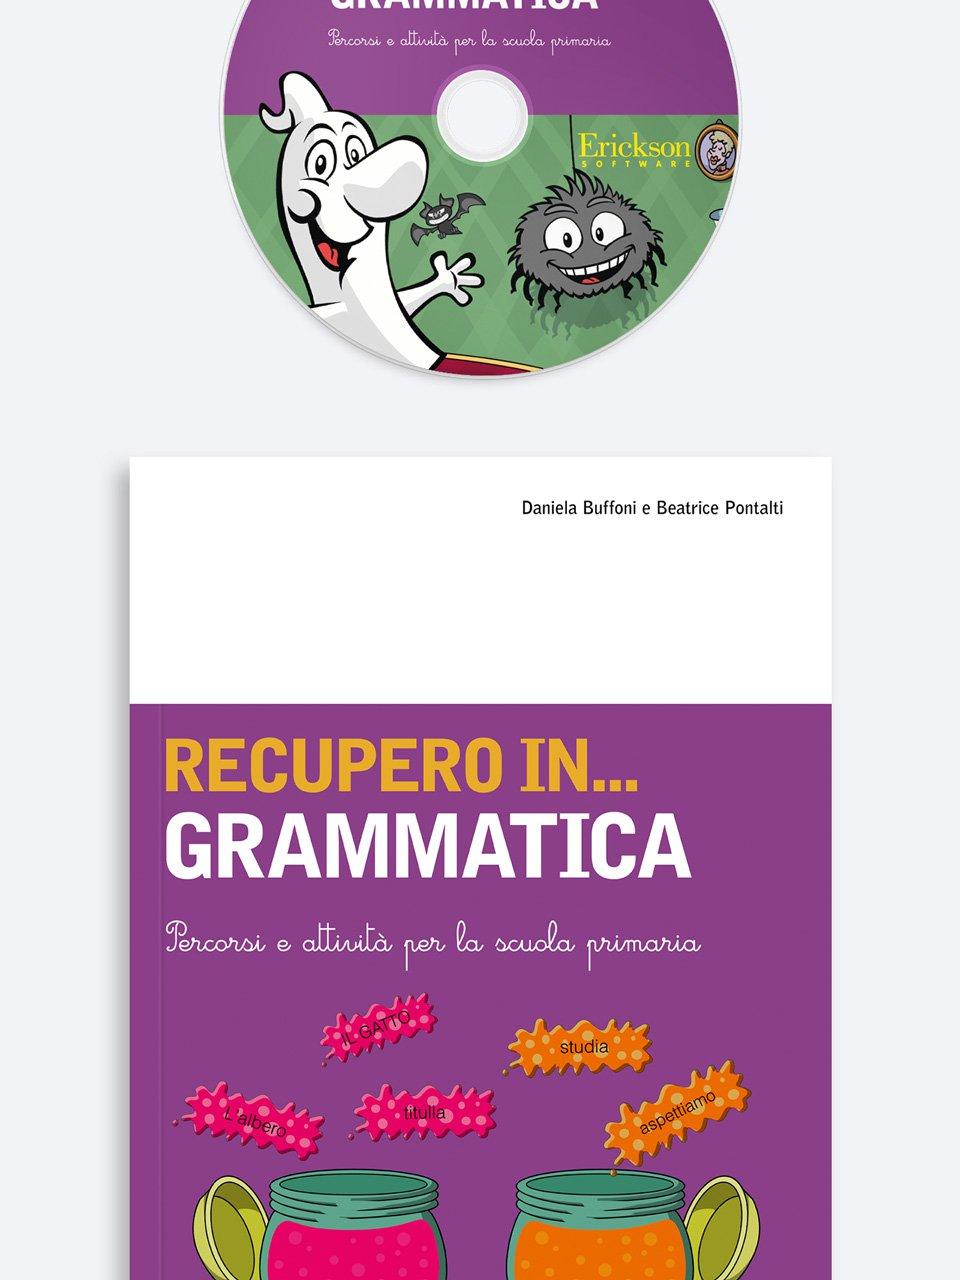 RECUPERO IN... Grammatica - App e software per Scuola, Autismo, Dislessia e DSA - Erickson 3